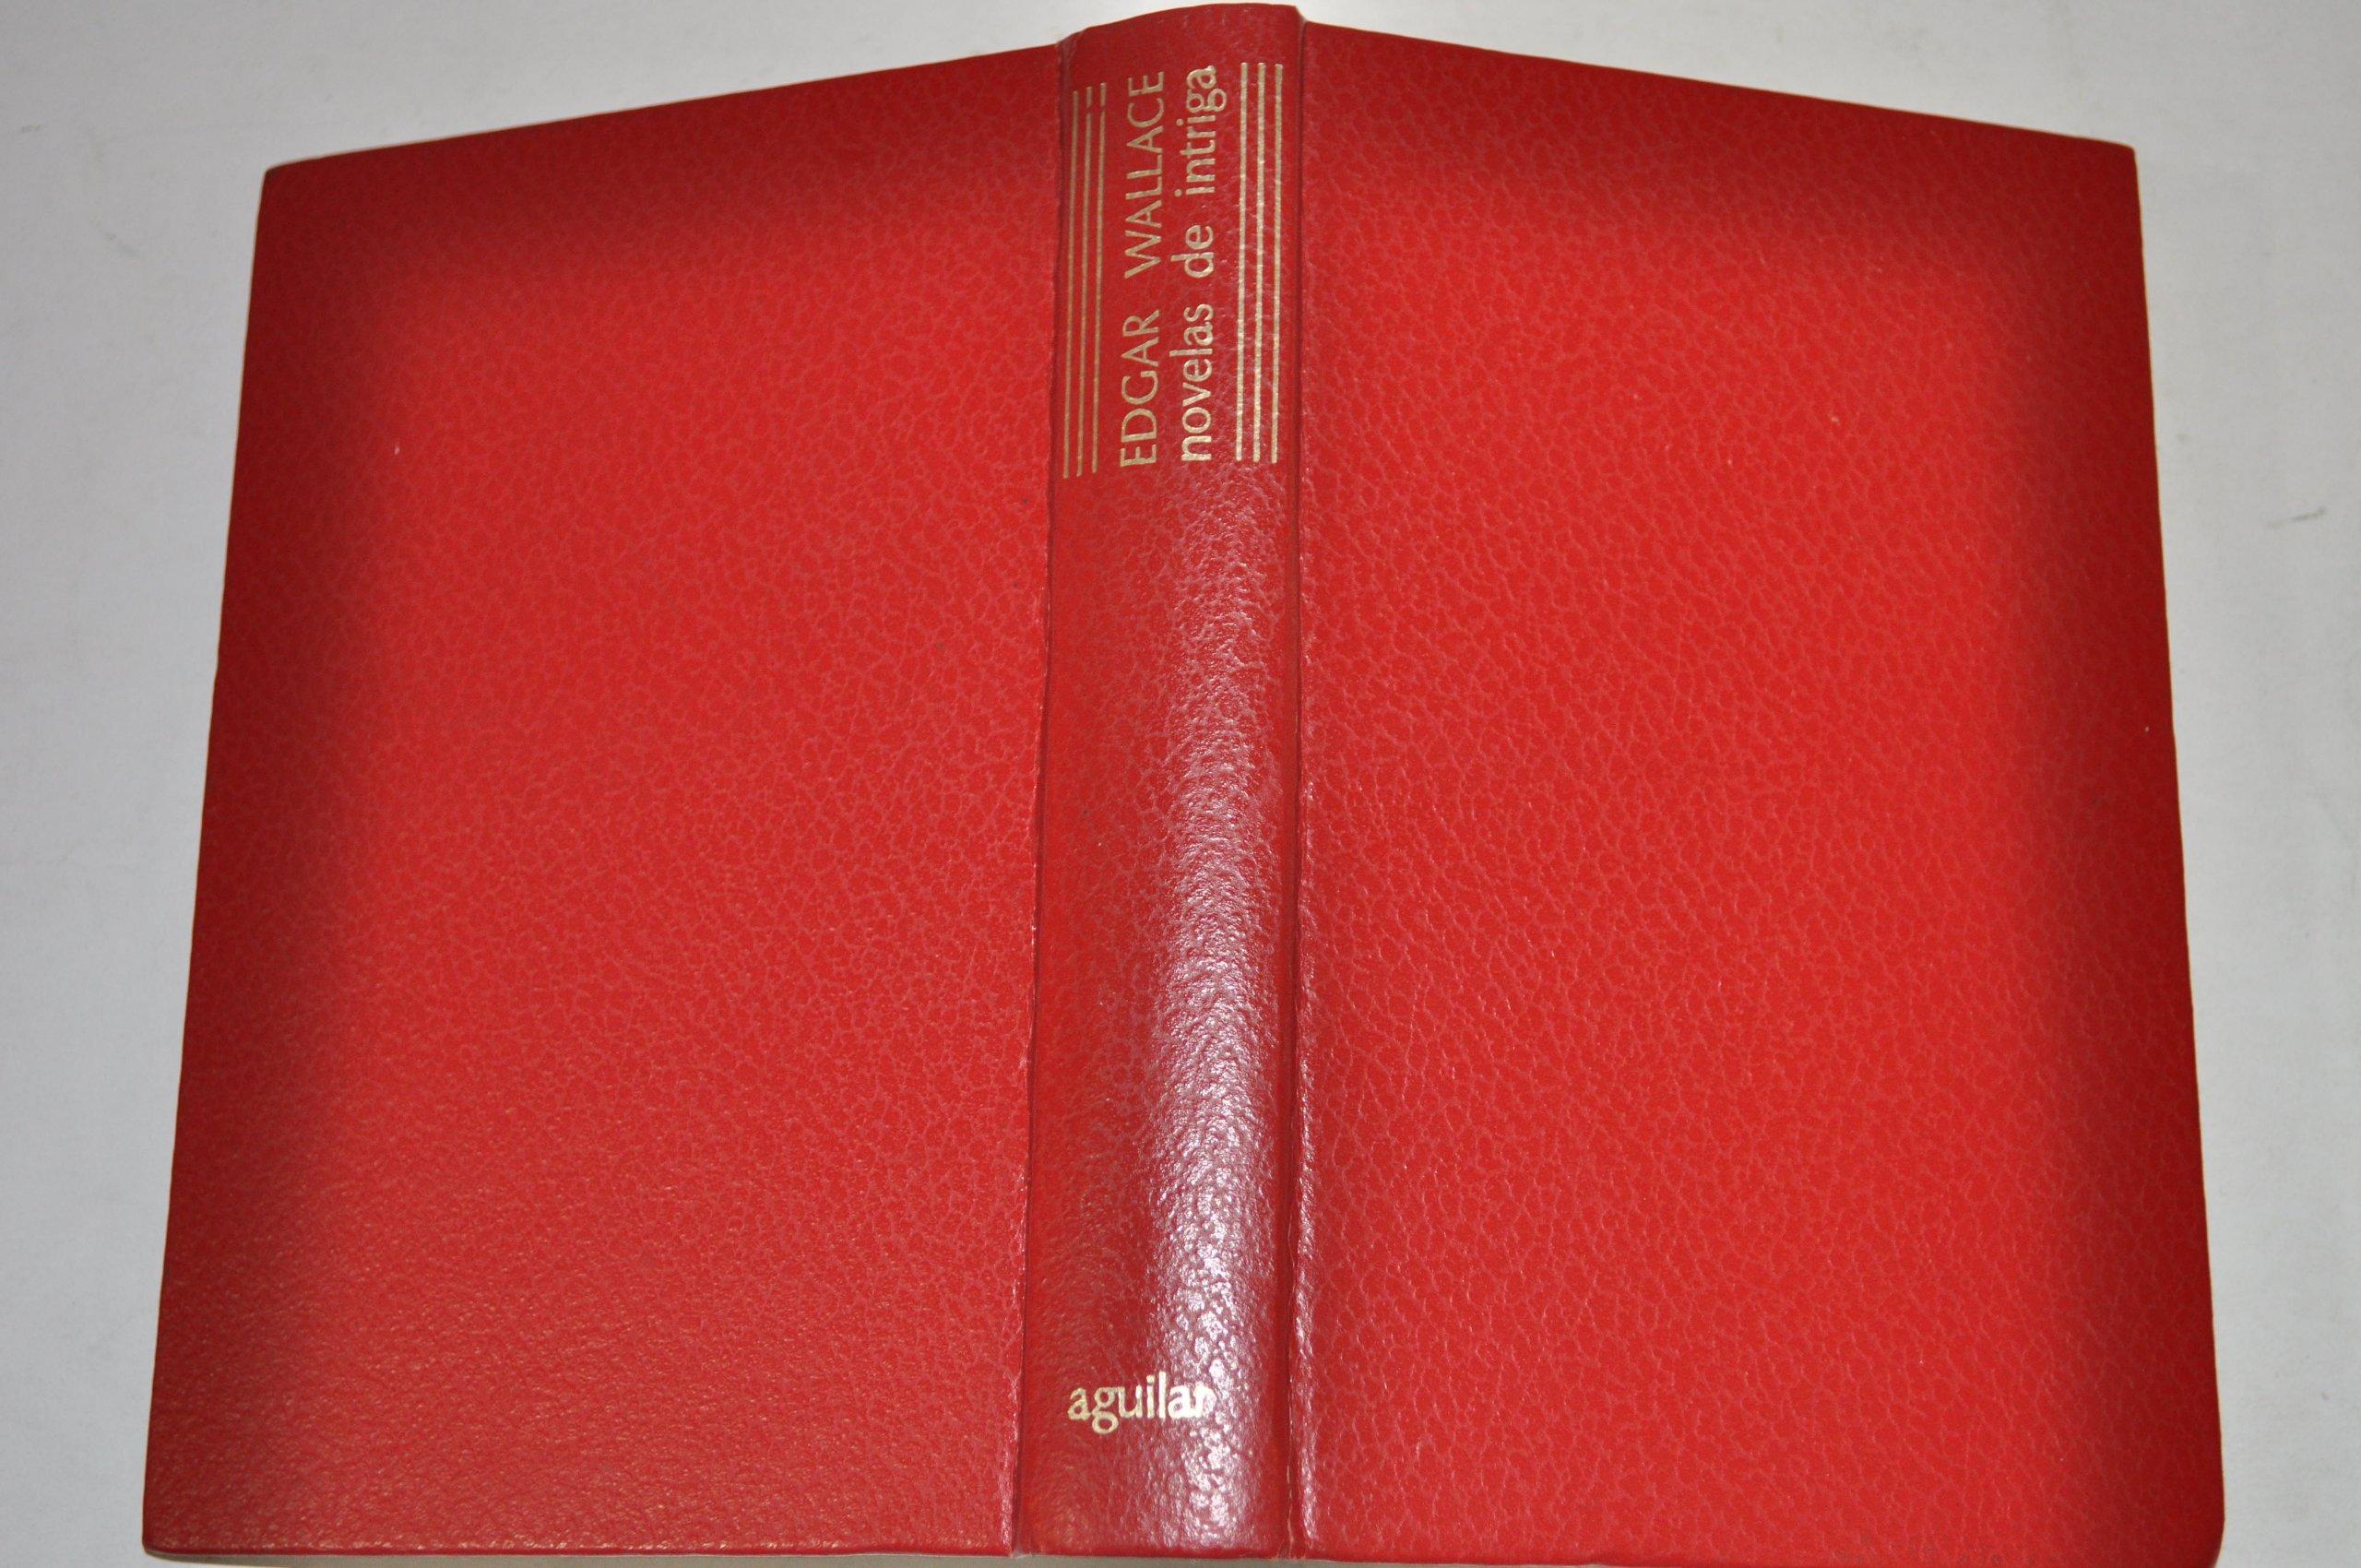 Novelas de misterio la puerta de las siete cerraduras (Spanish) Hardcover – January 1, 1979